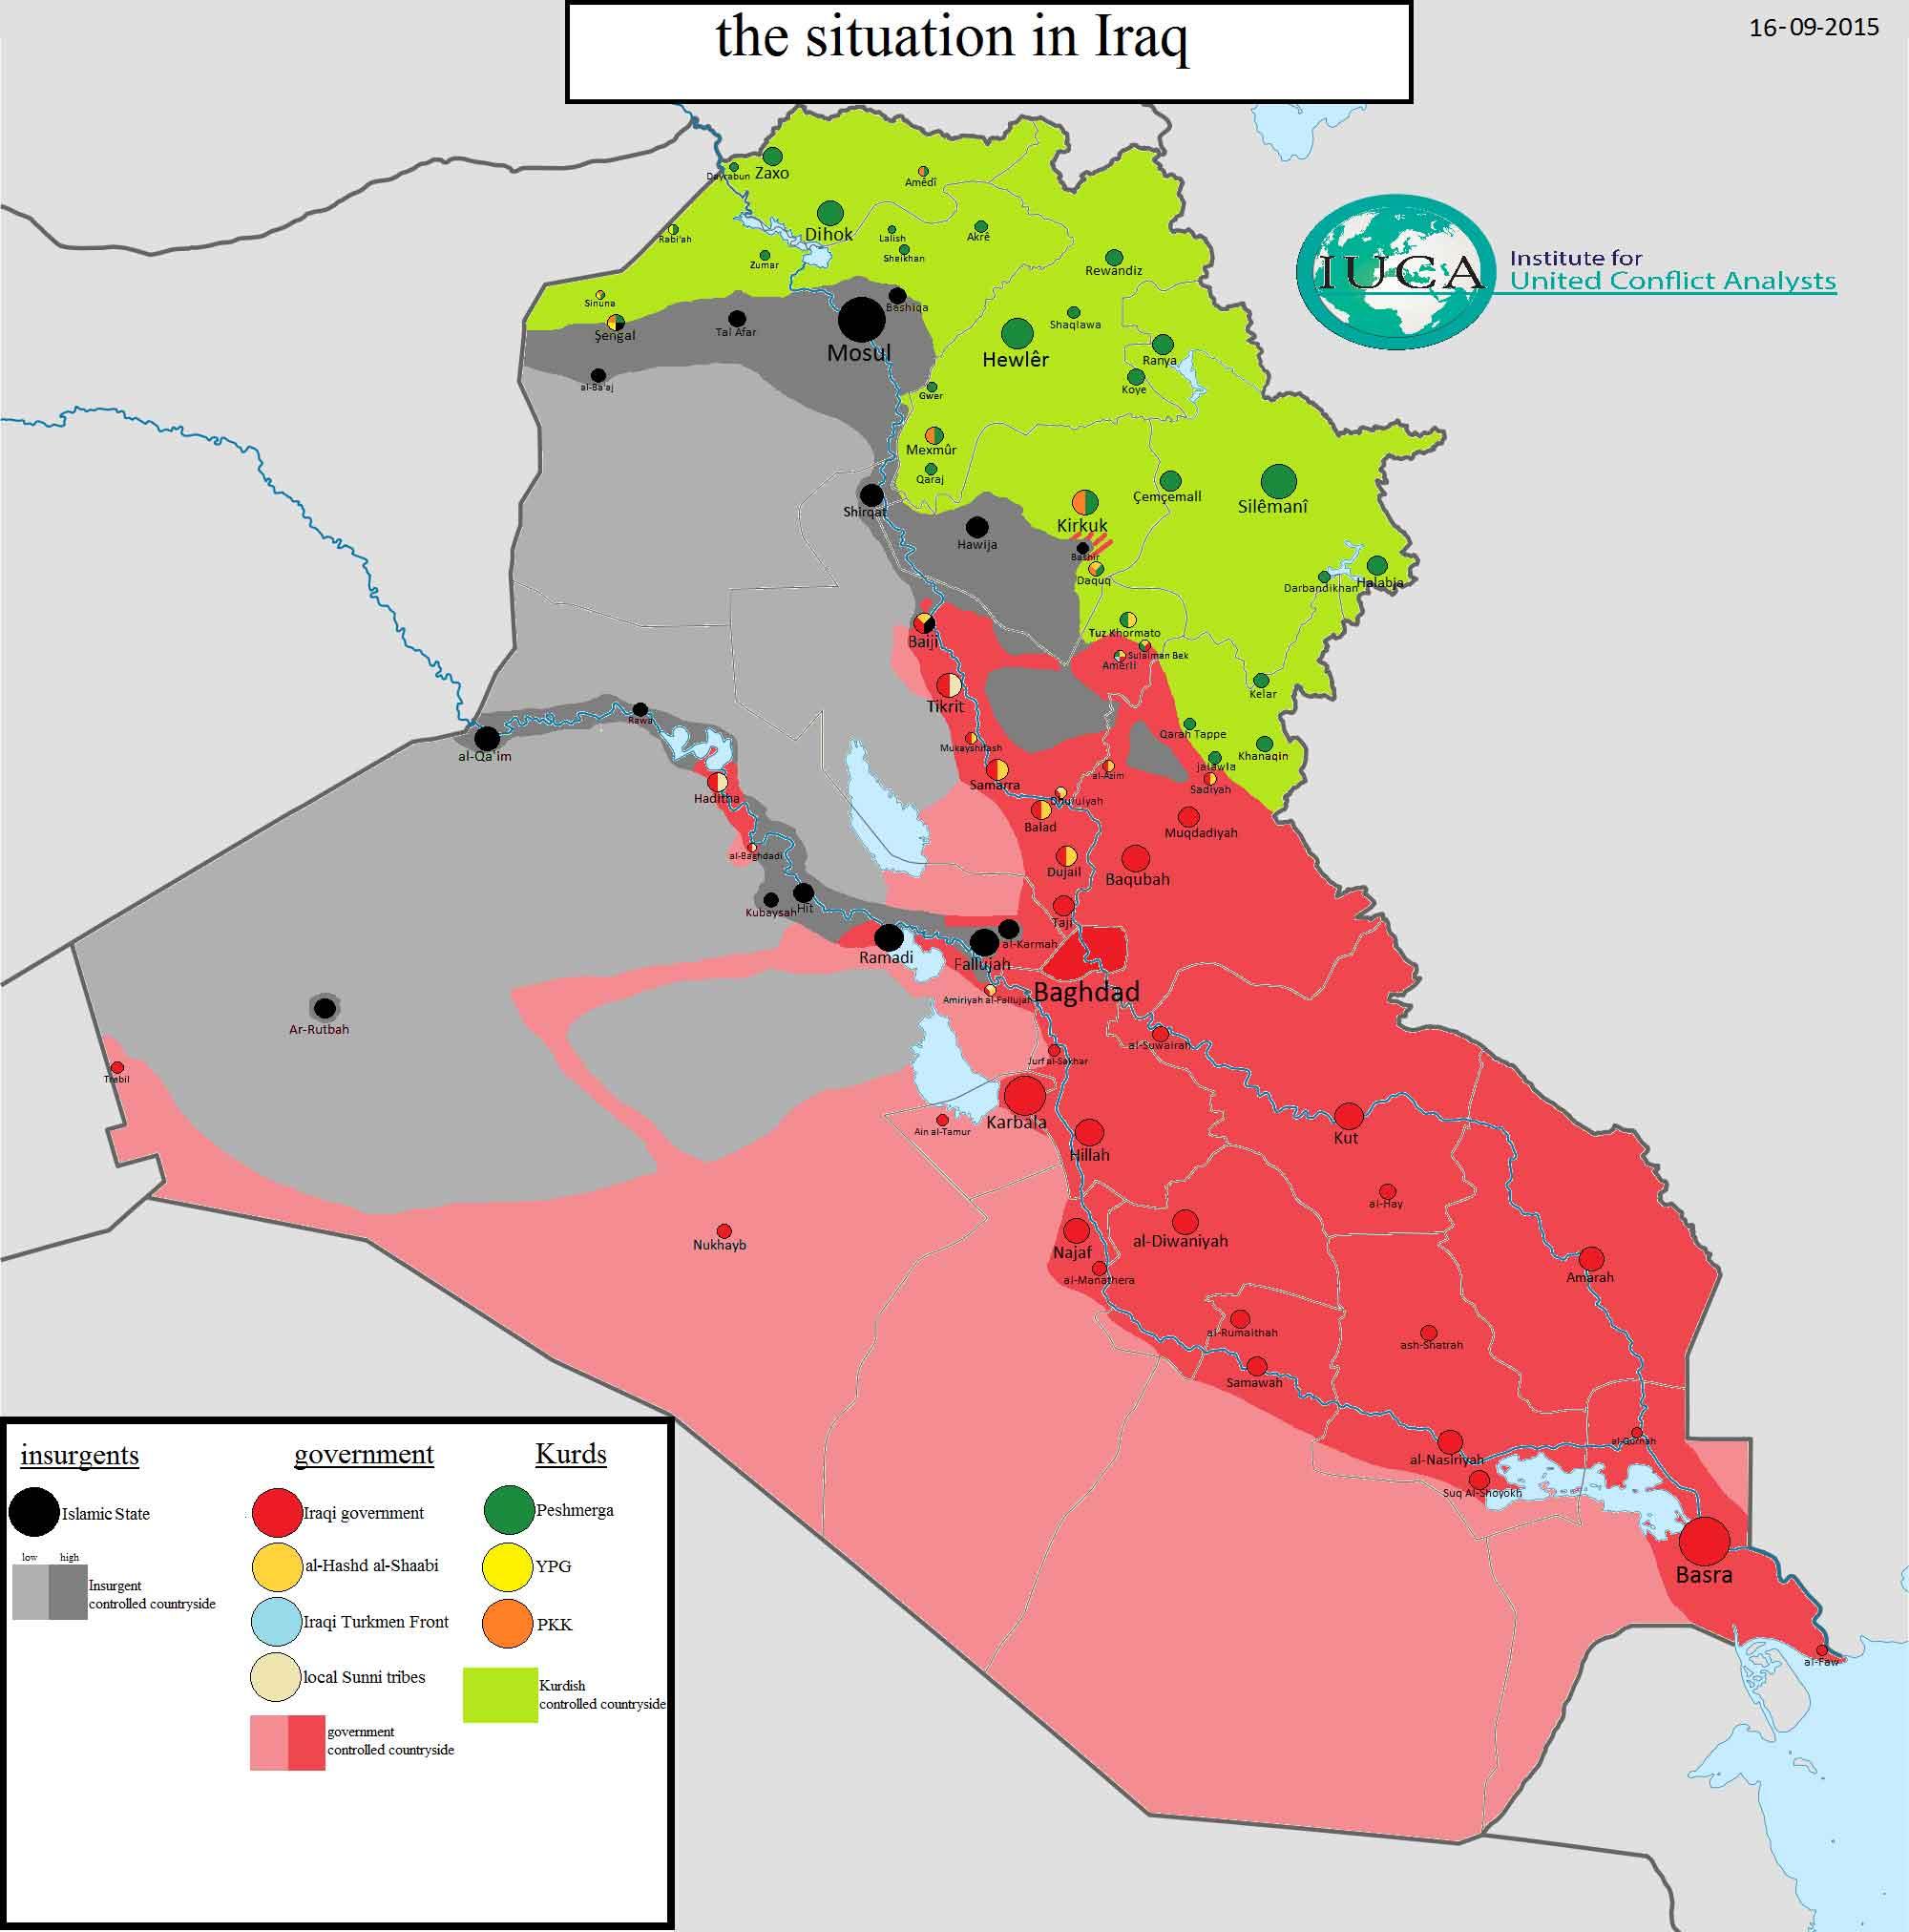 Смотреть, в большом разрешении - Карта расположения сторон в Ираке: ИГИЛ, курды, правительство, шиитские формирования и пр